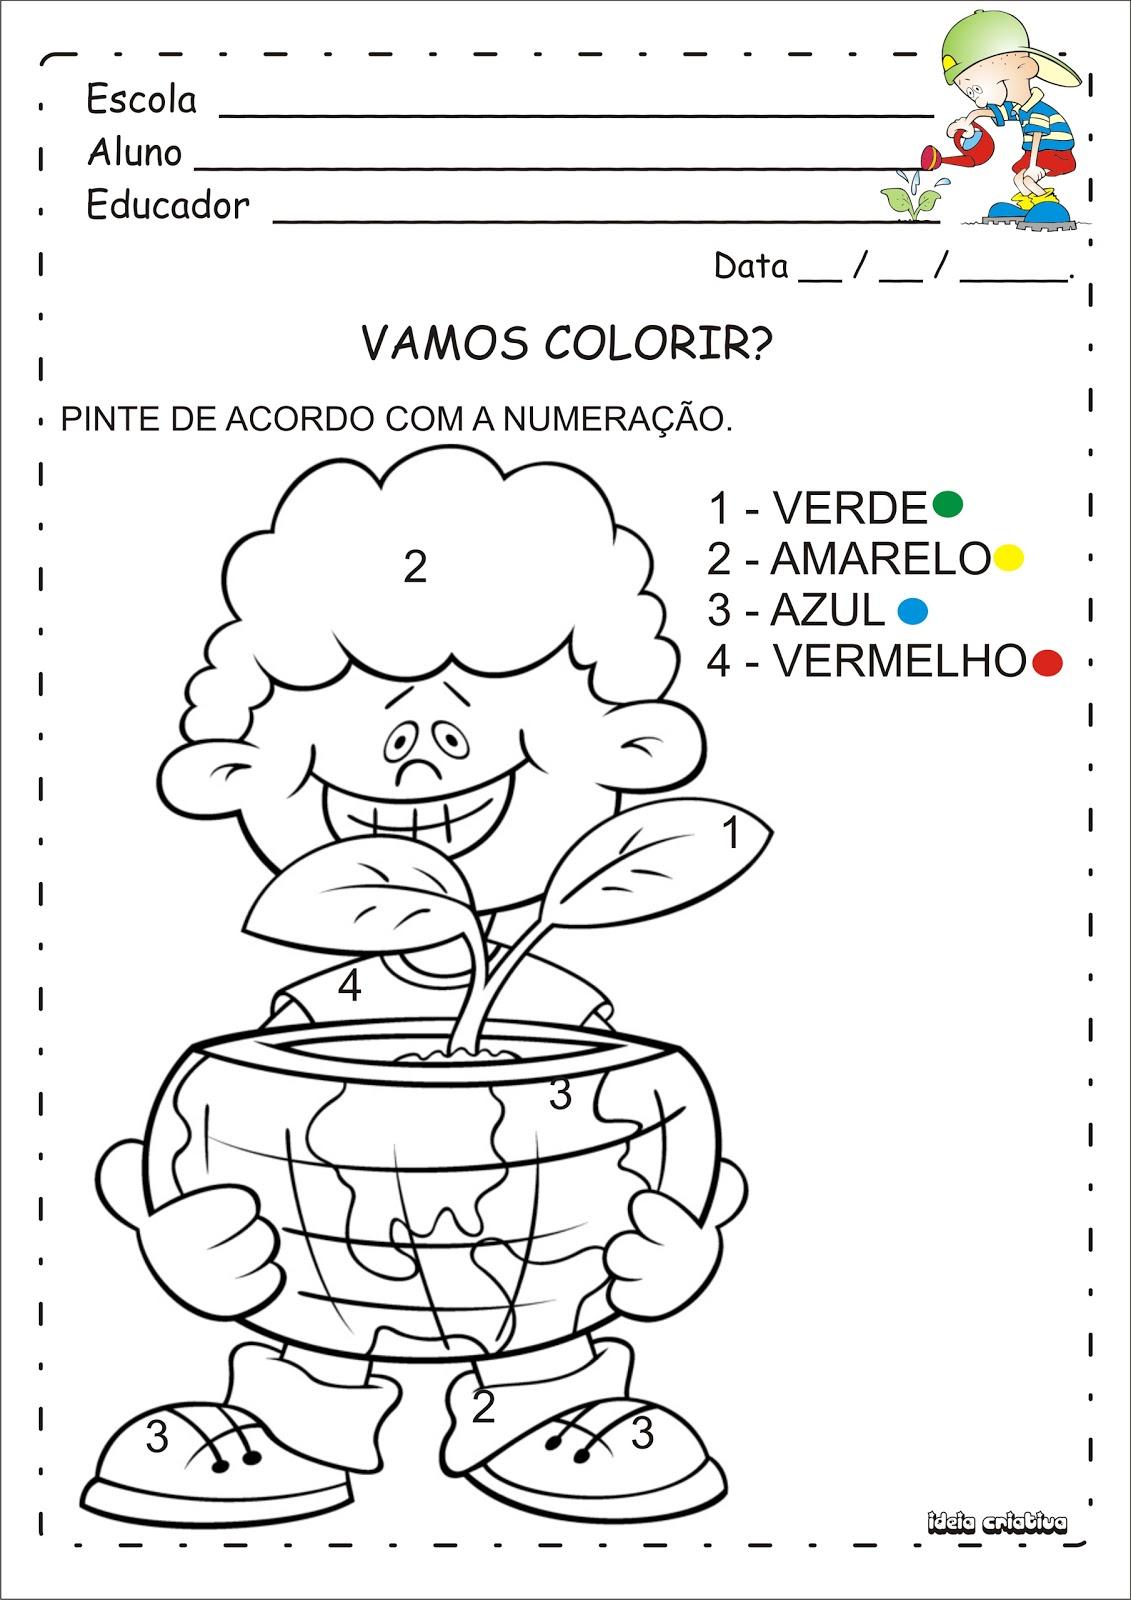 Super Atividade Meio Ambiente Pintura Numerada | Ideia Criativa - Gi  XZ42